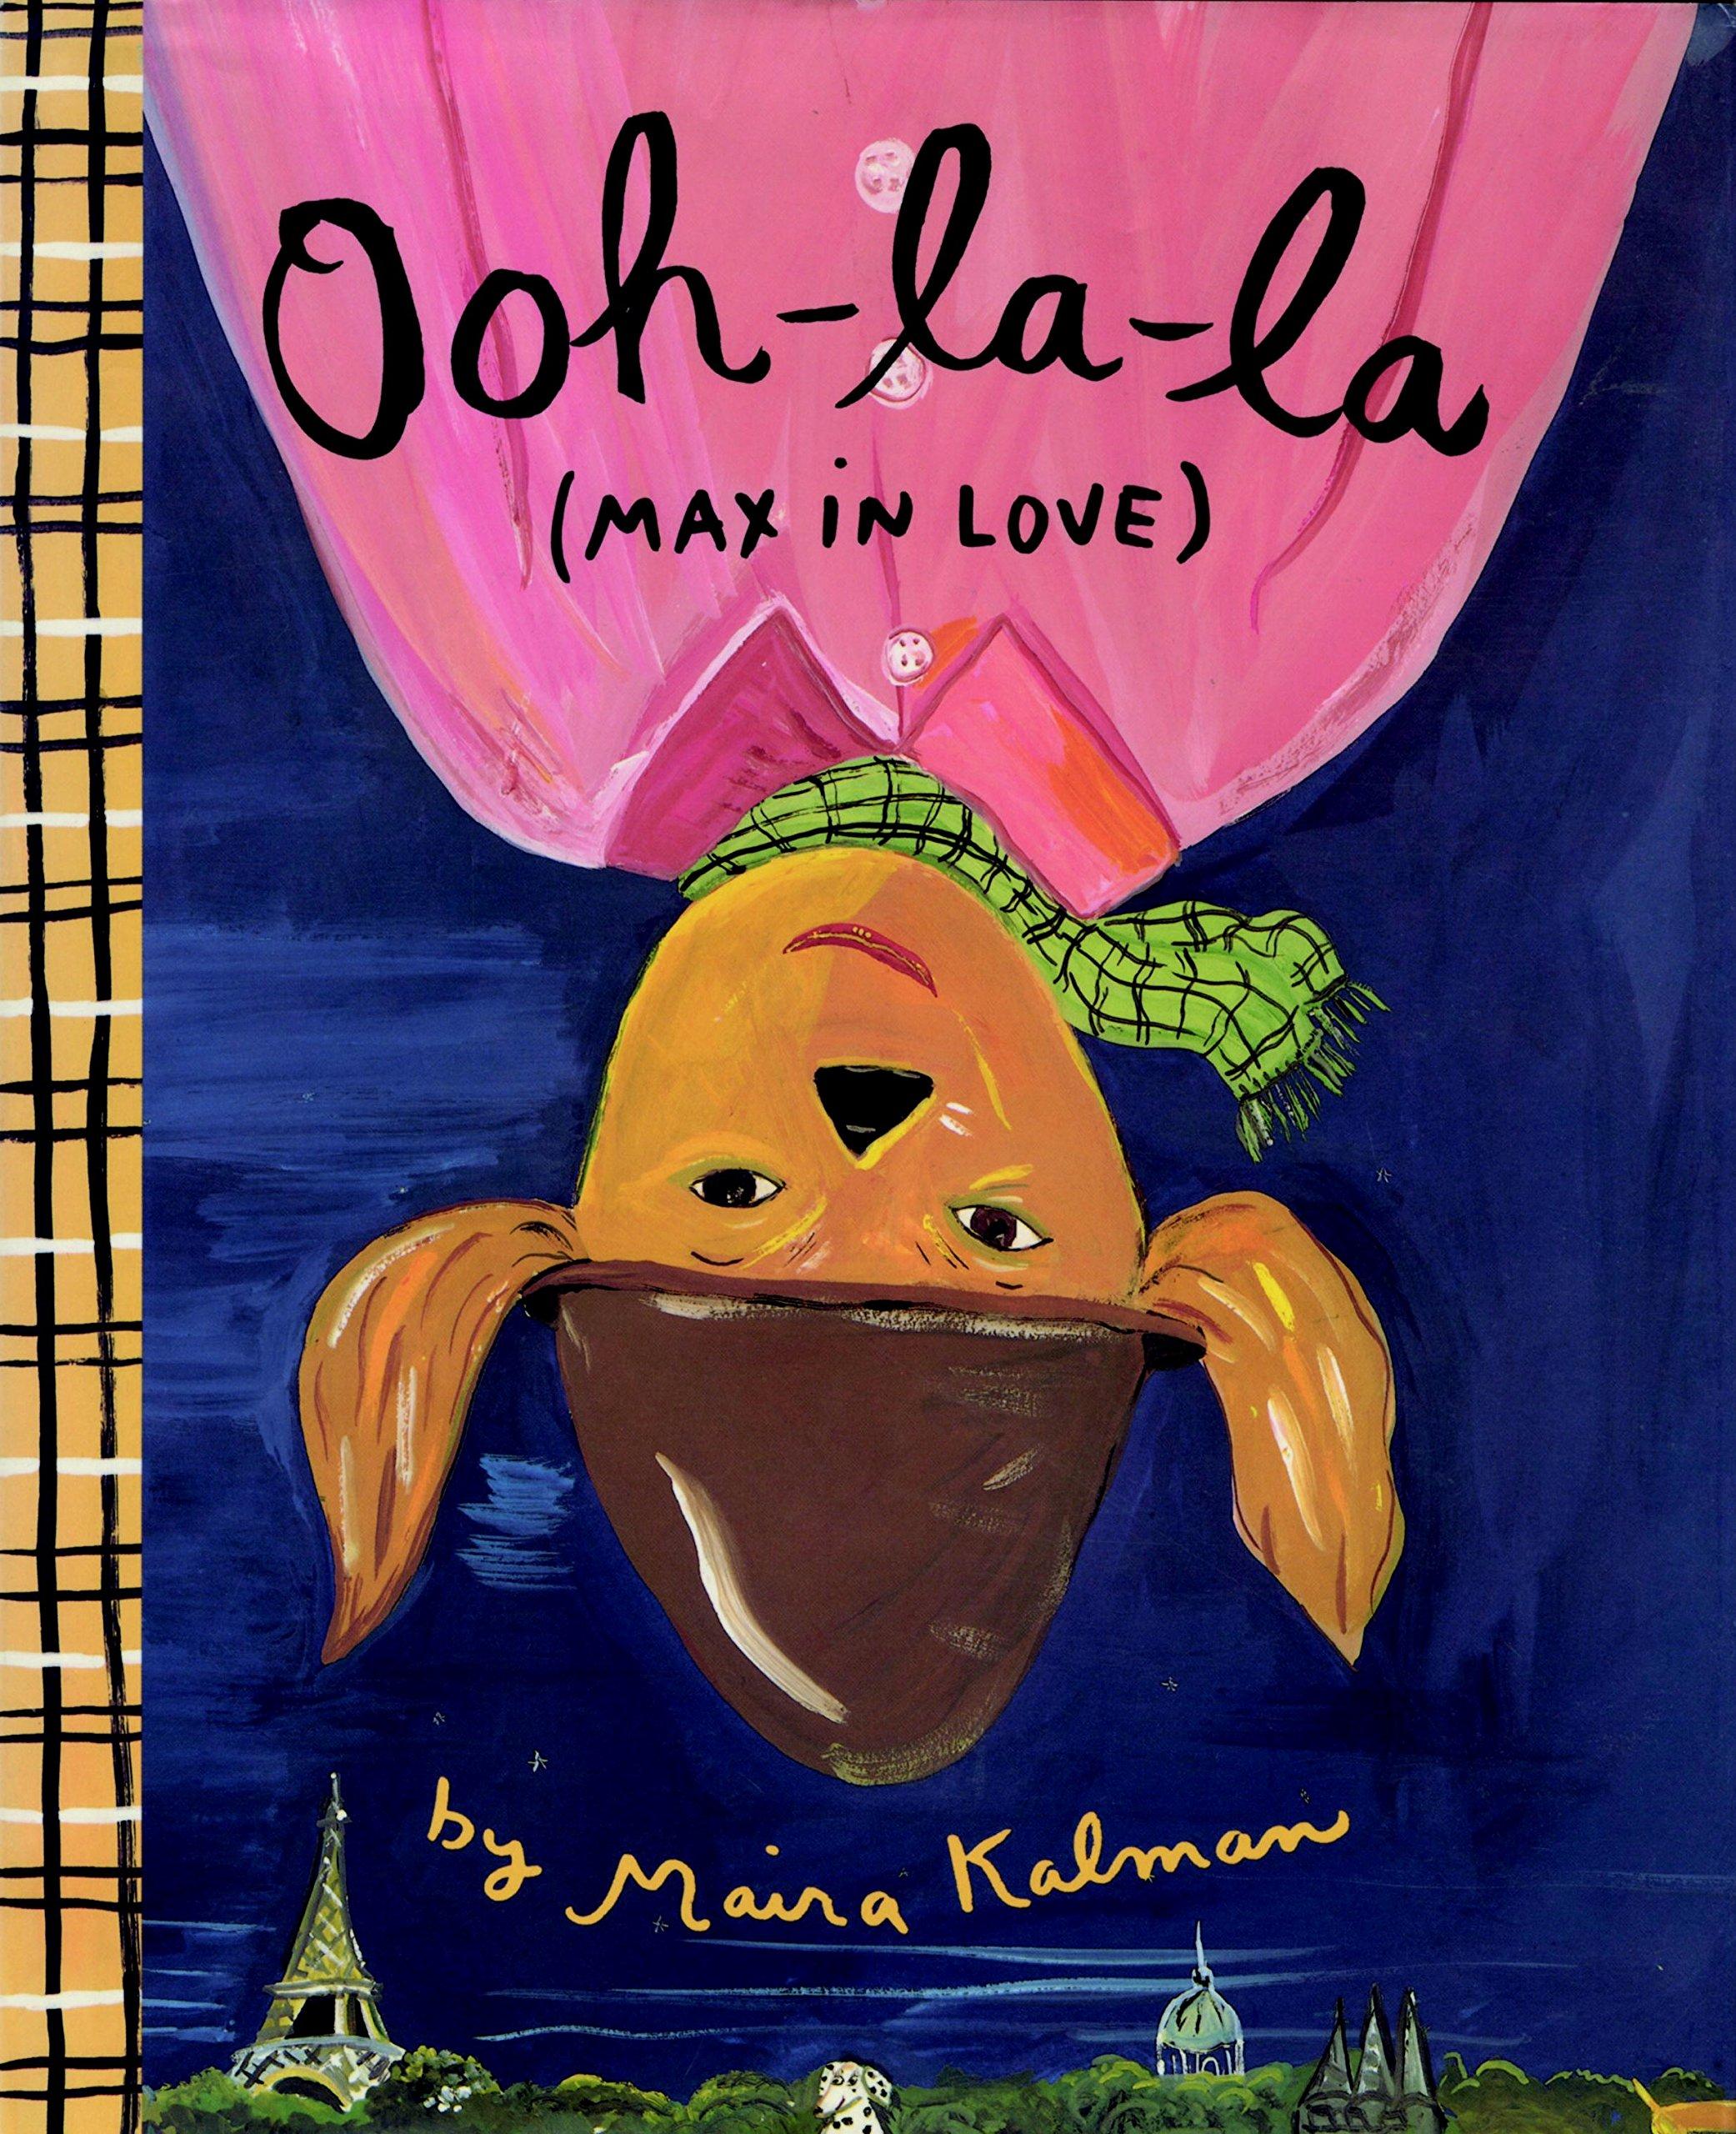 ooh-la-la-max-in-love